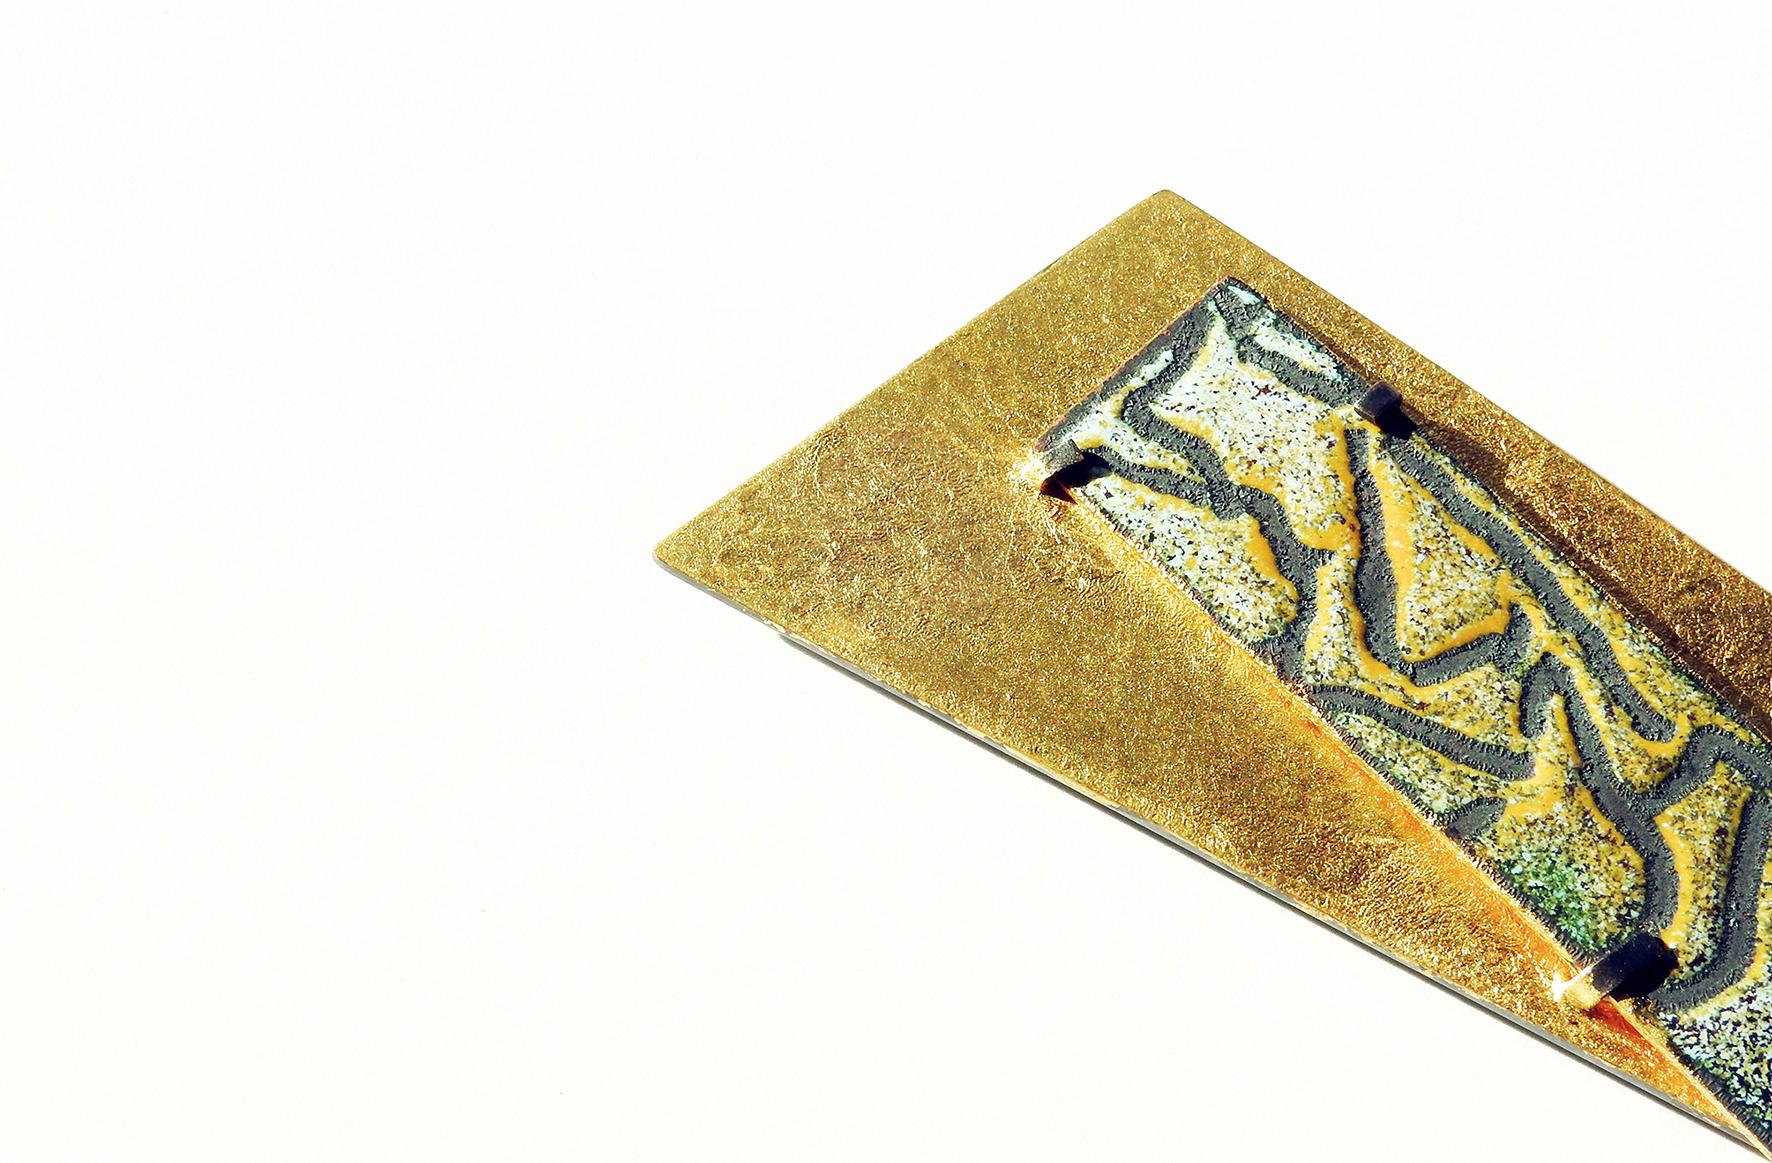 Brooch (2017): Gilding Metal, Copper, Gold Leaf, Enamel